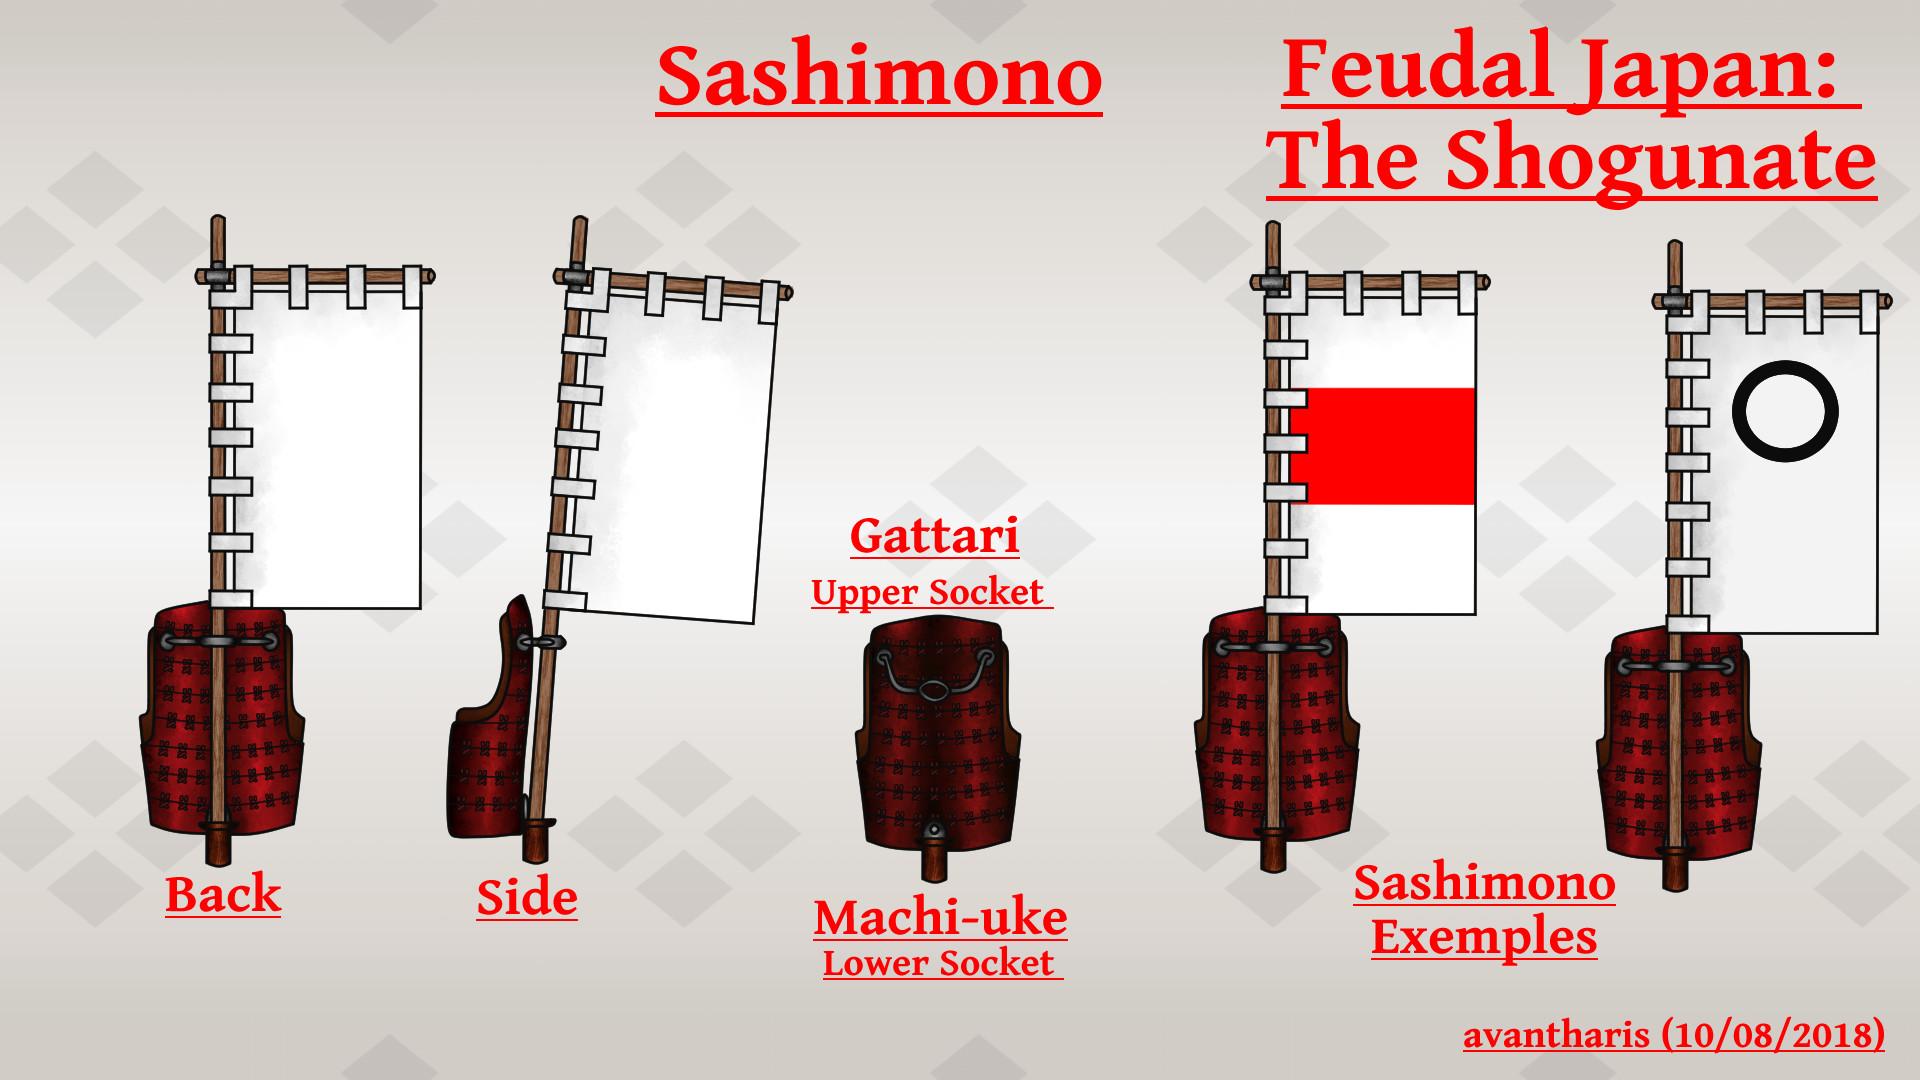 Joao salvadoretti sashimonofinal1